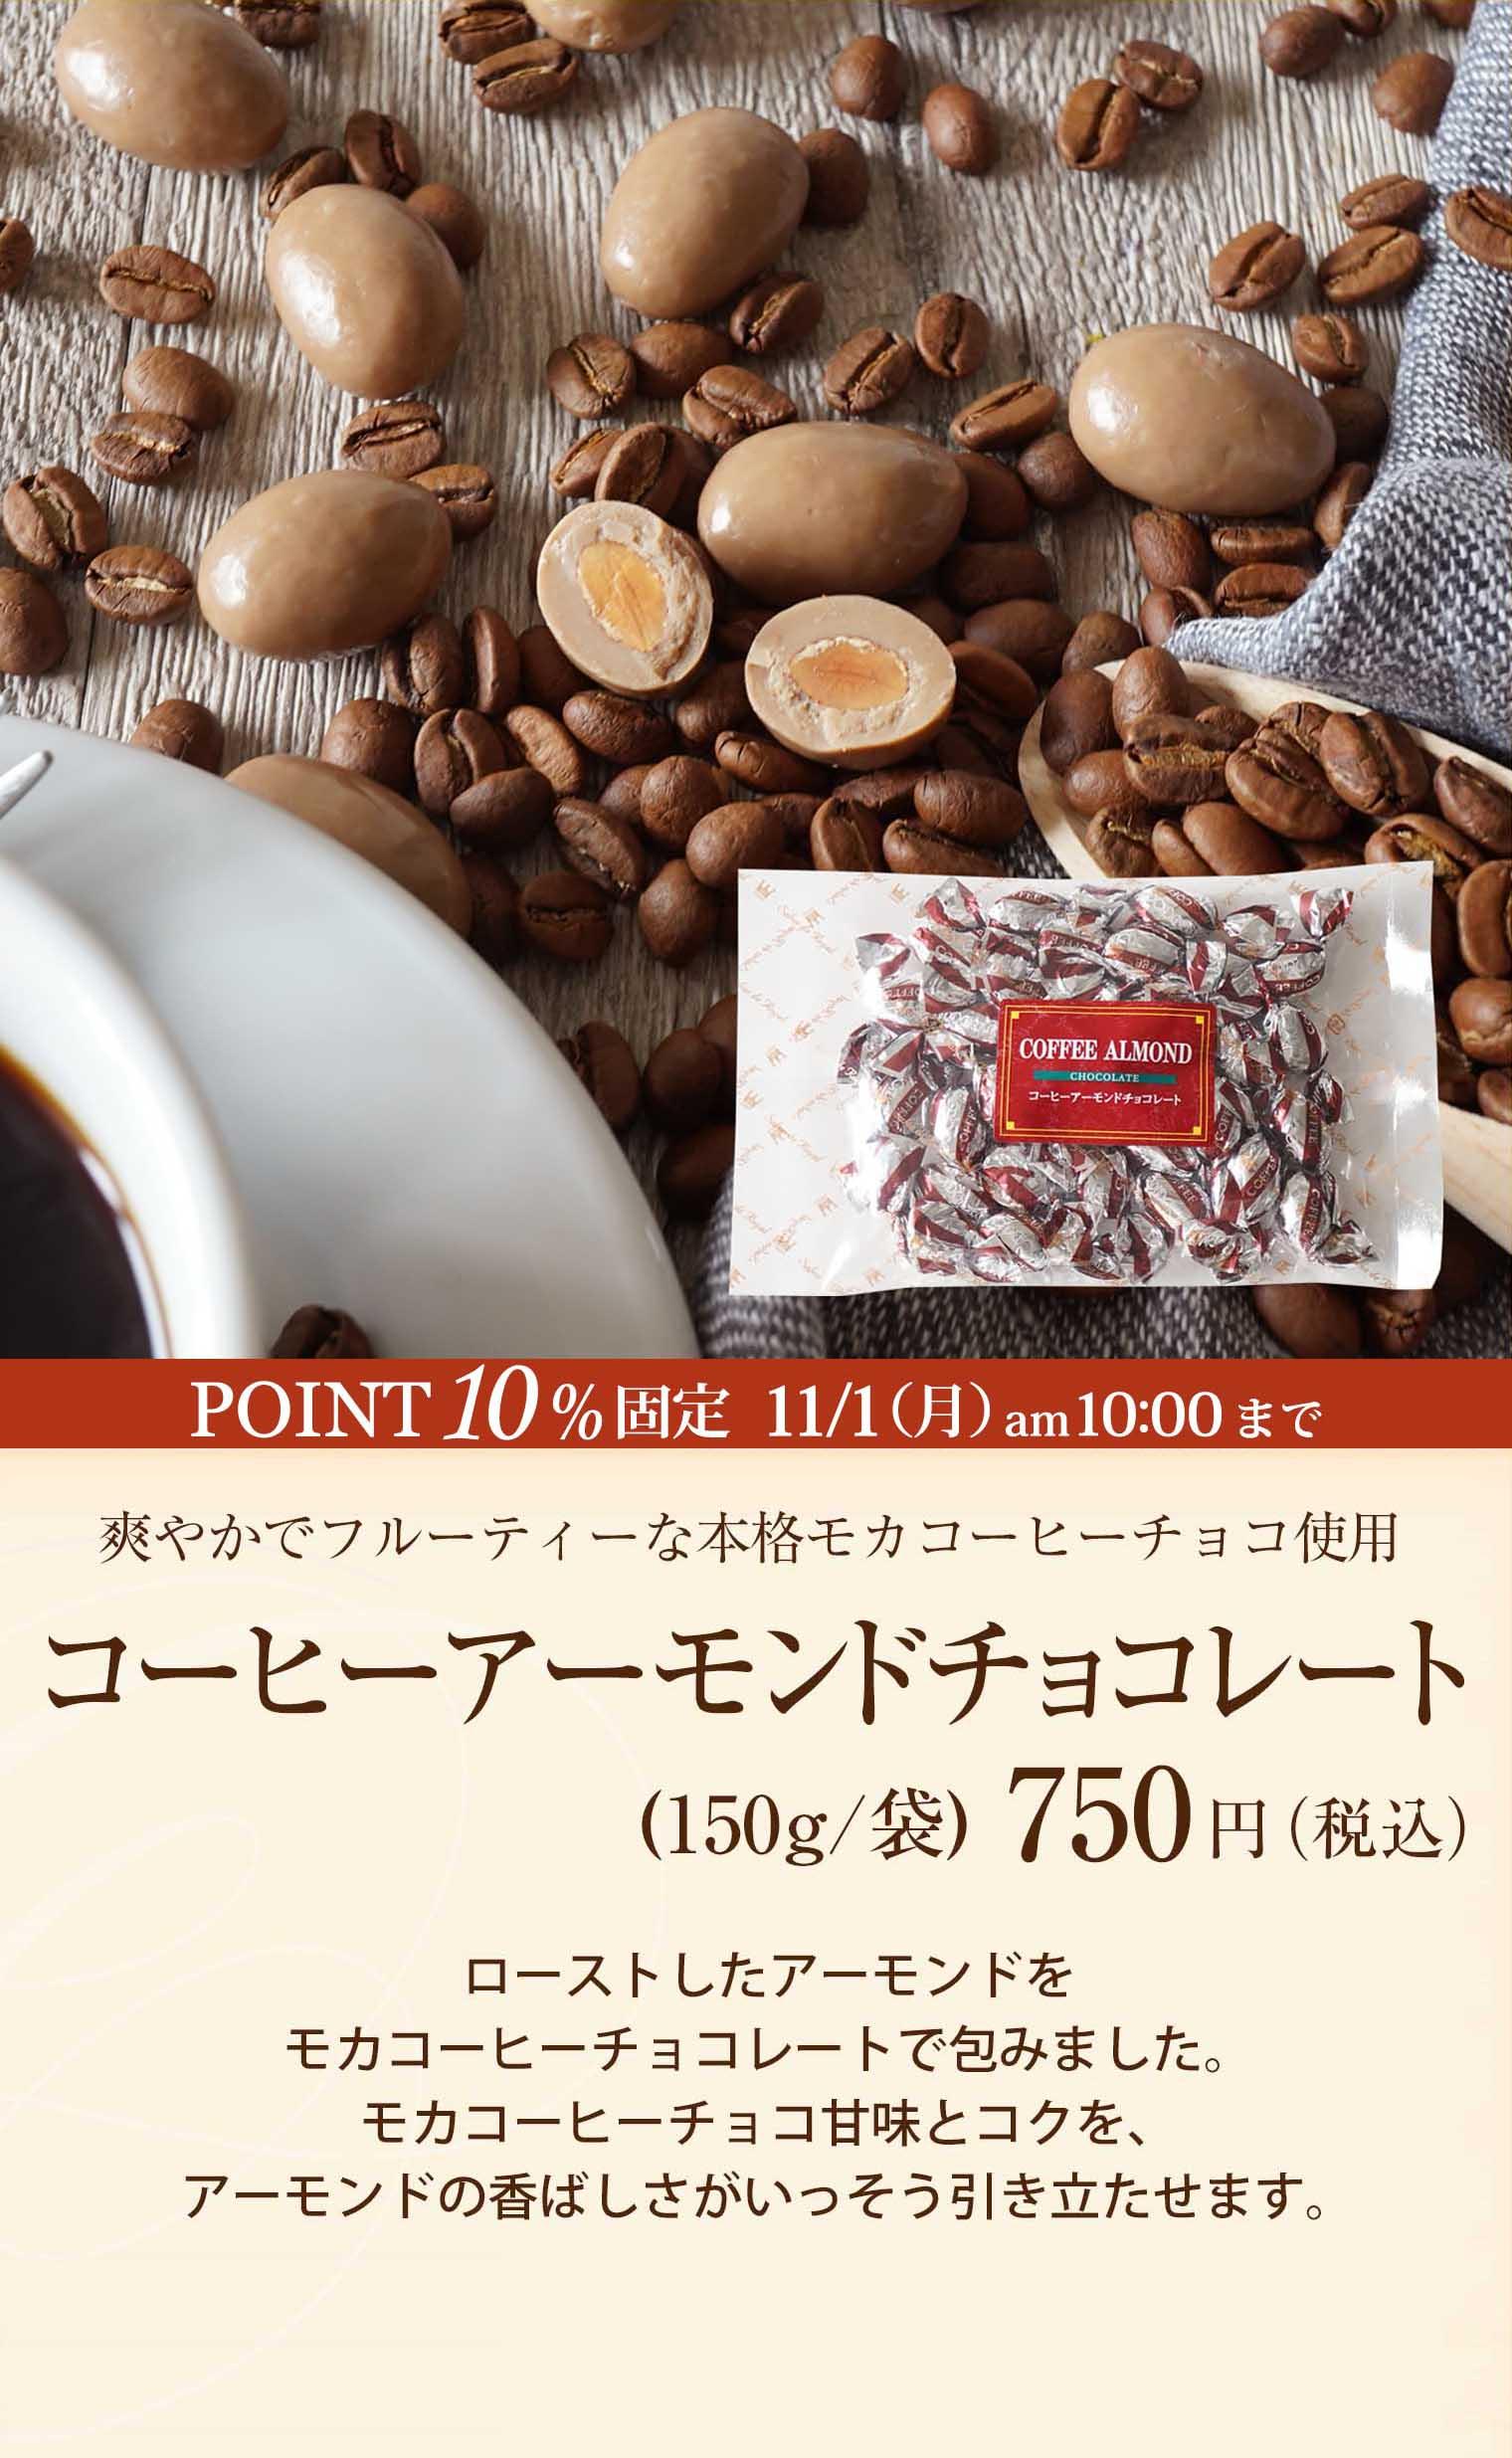 コーヒーアーモンドチョコレート